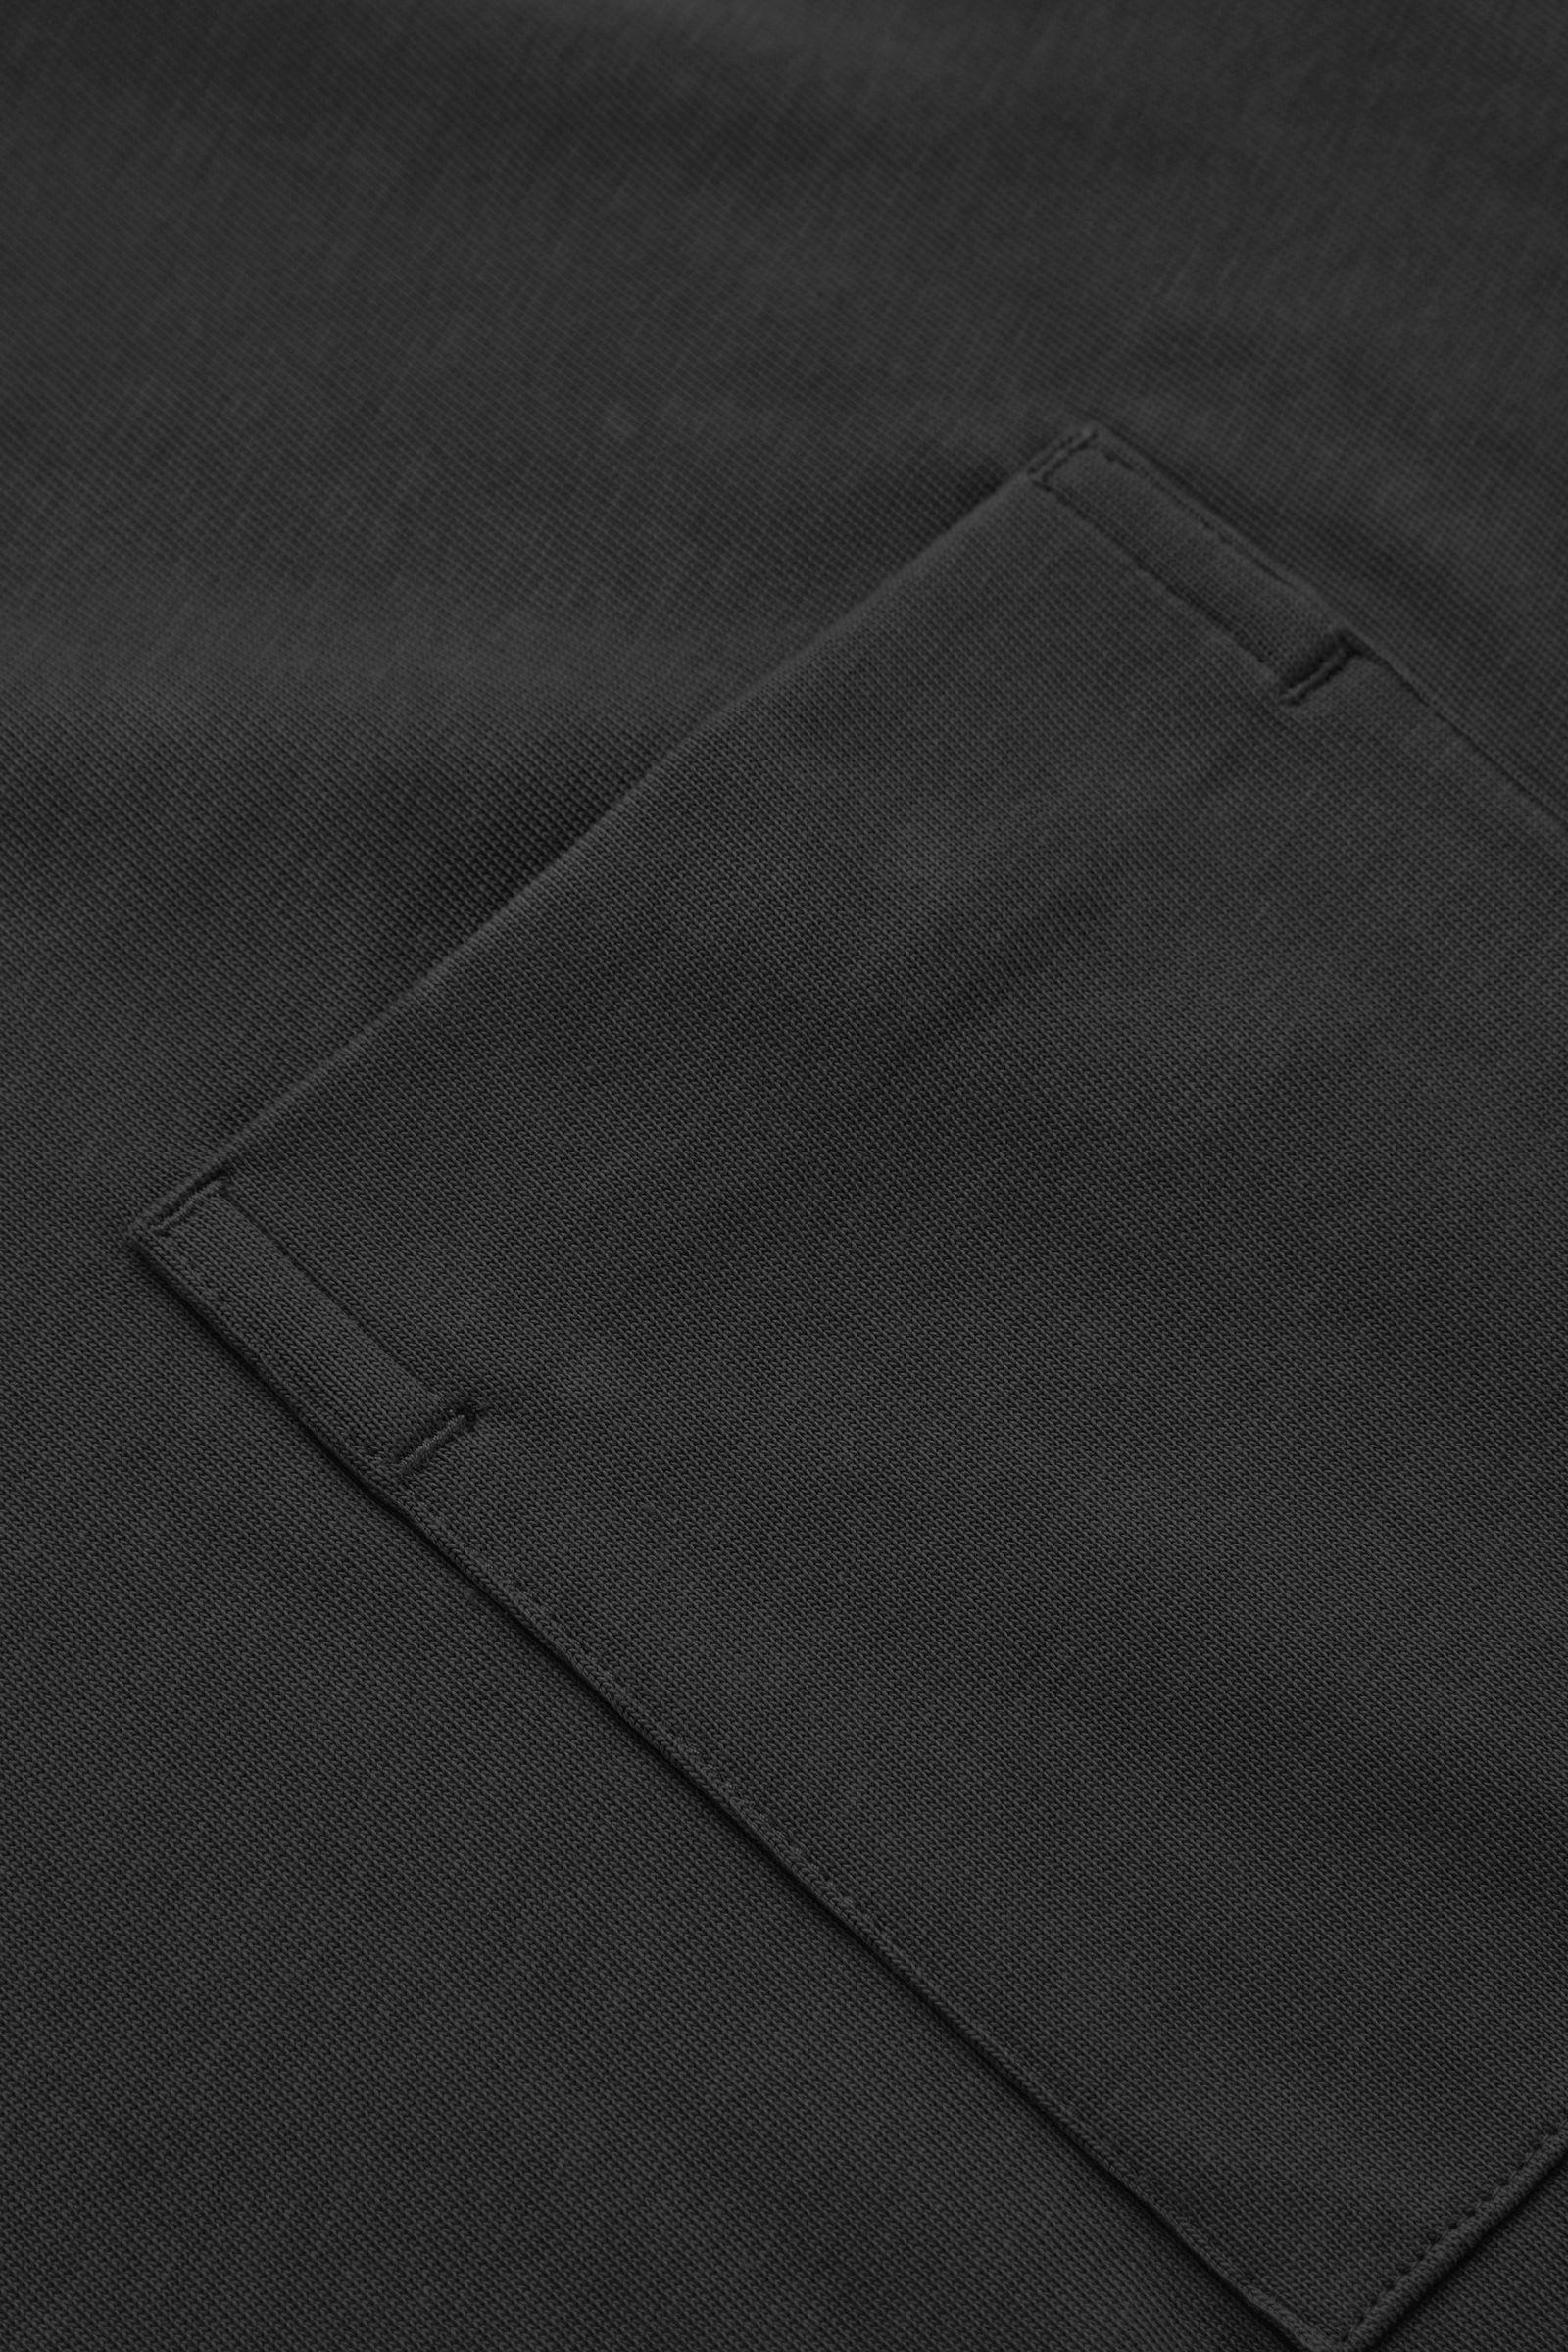 COS 오버사이즈 브이넥 티셔츠의 블랙컬러 Detail입니다.